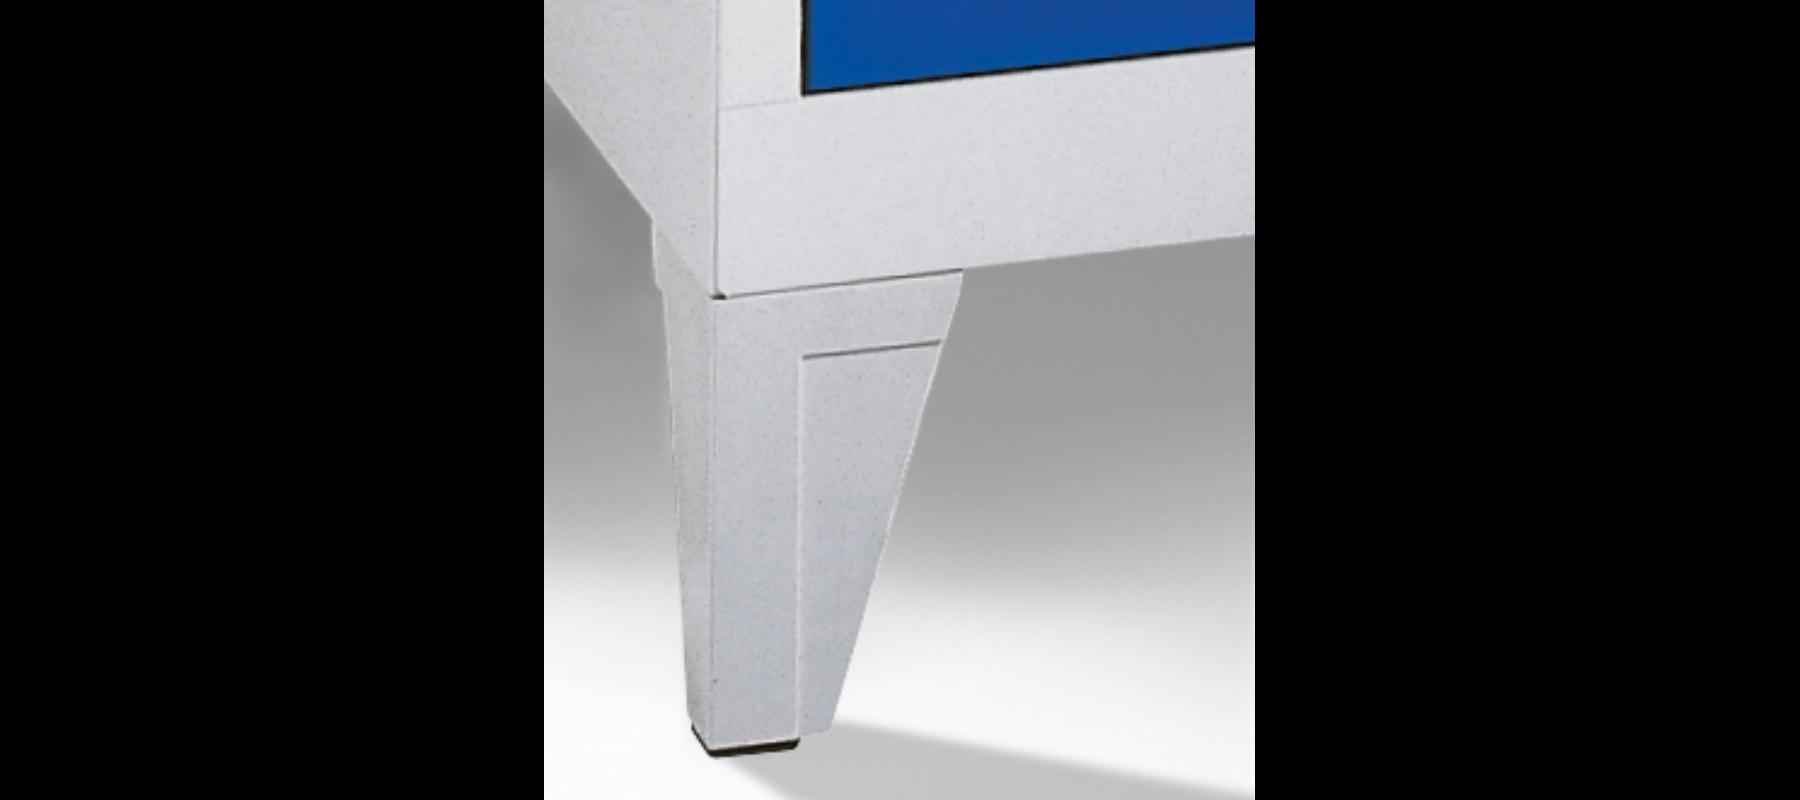 szatnie szafy schowkowe cp detale - 03